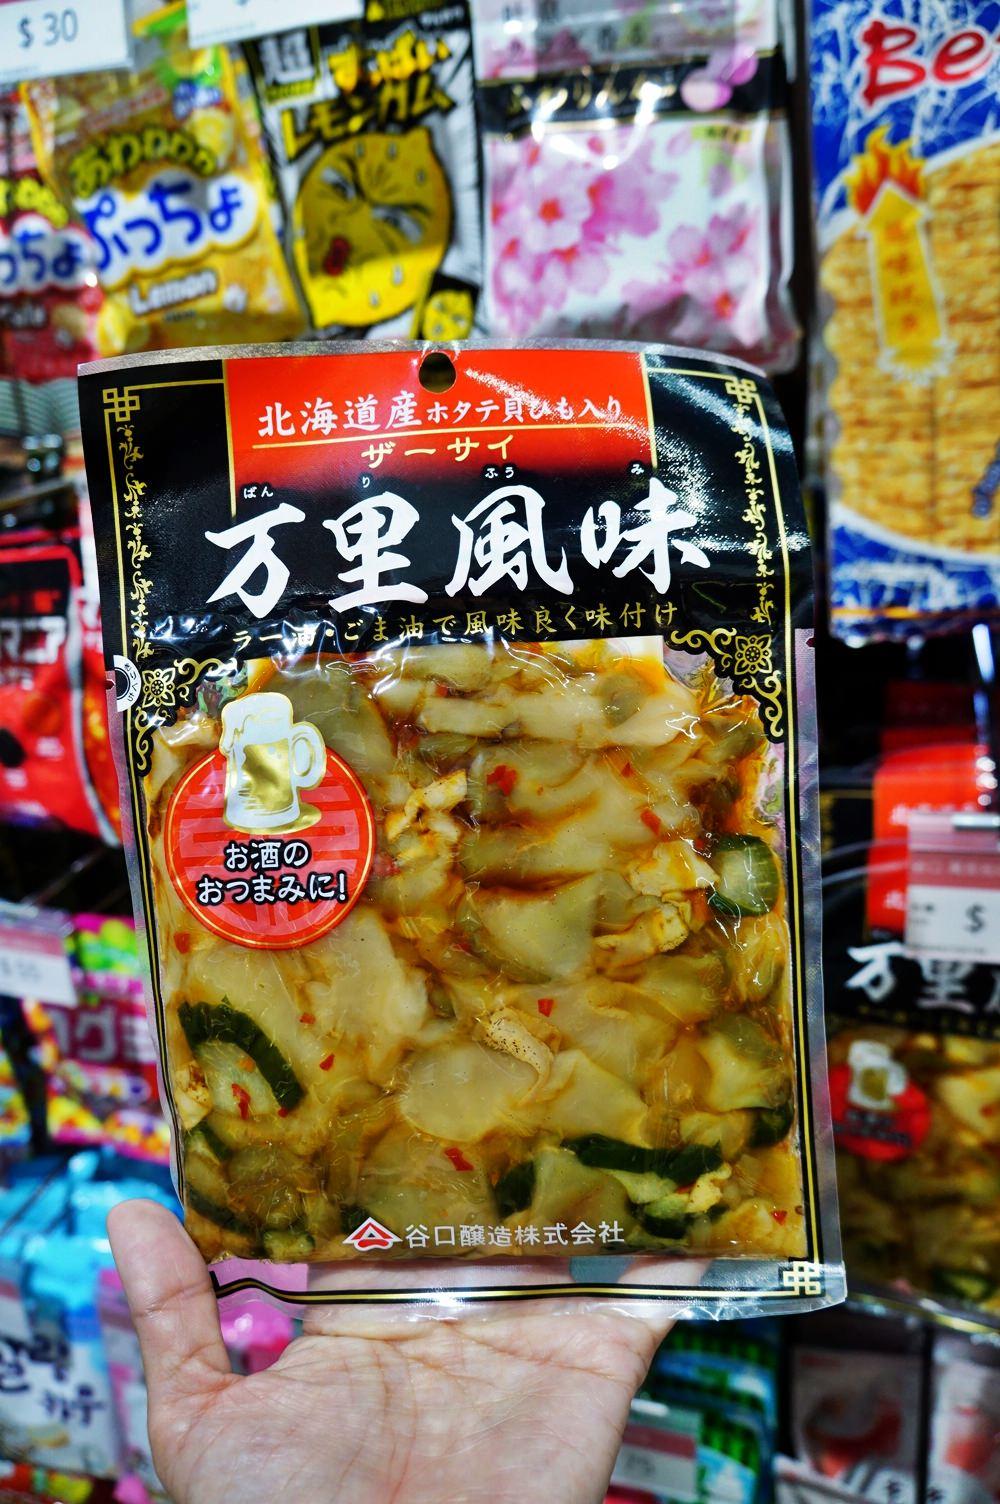 20181017185216 11 - 熱血採訪[新莊 三省堂異國零食]免出國就可以買到超夯的日韓泰國泡麵零食 超好買超好逛